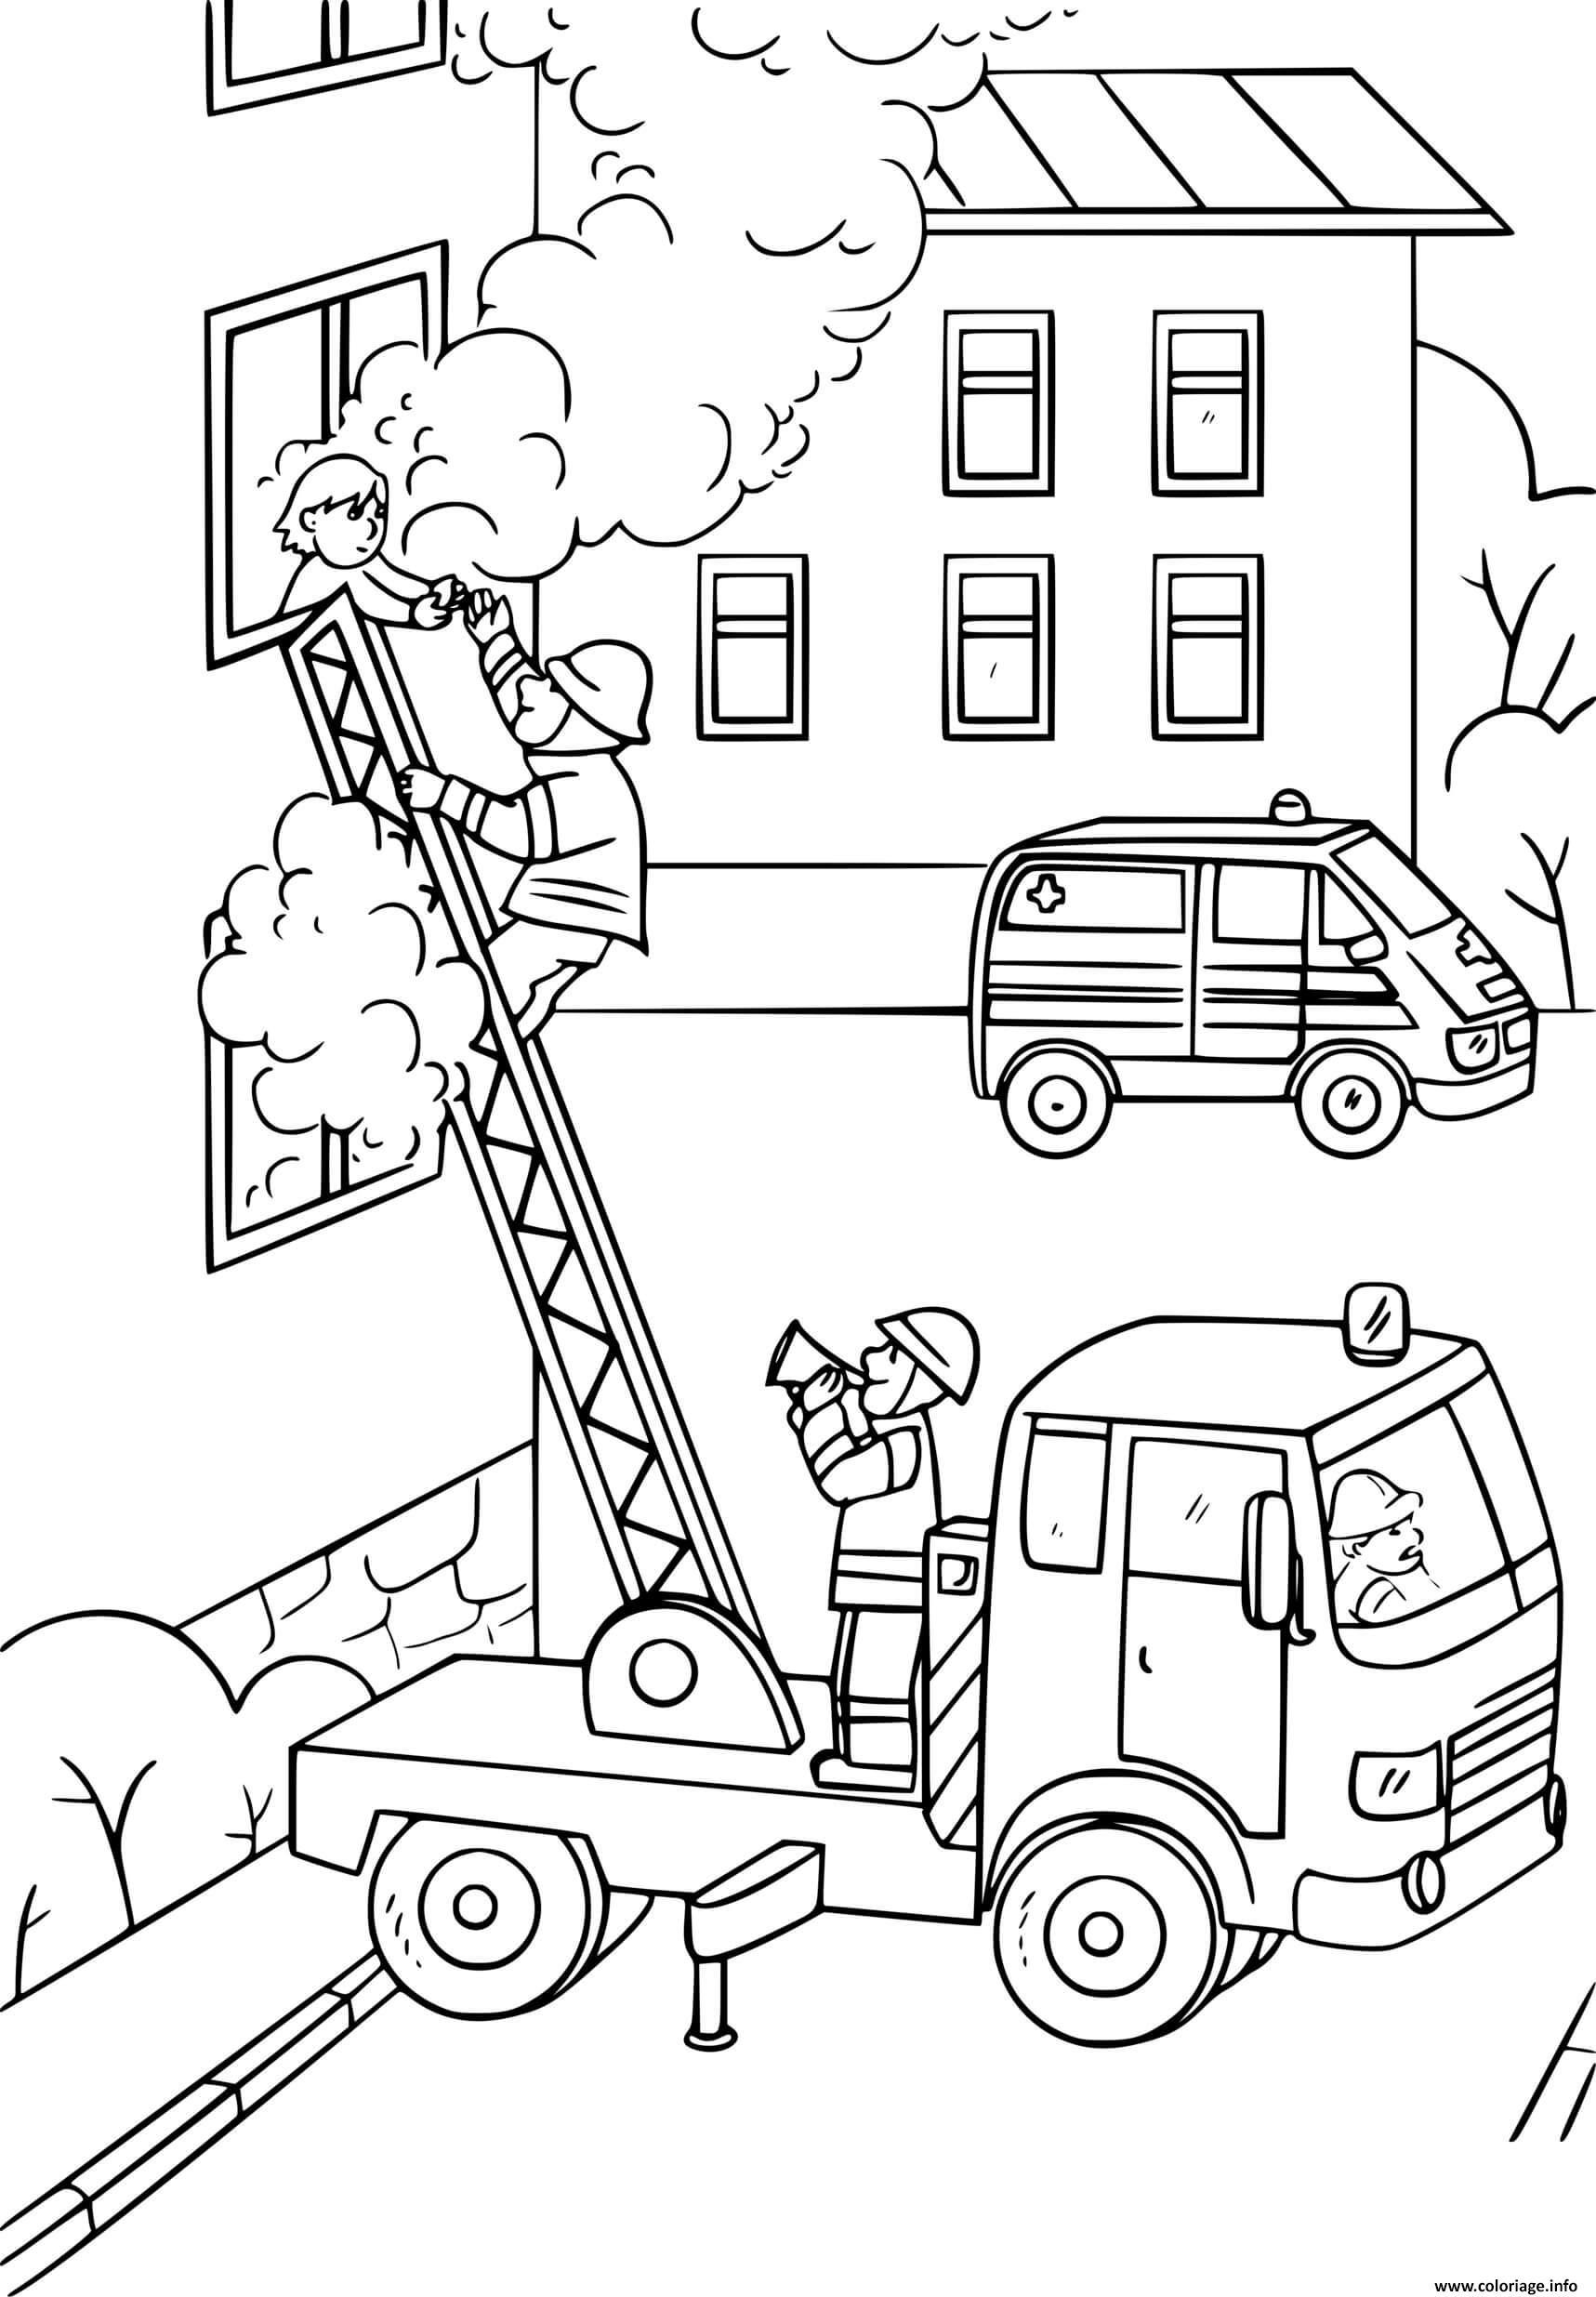 Dessin un pompier grimpe sur une echelle du camion pour sauver une fille prit dans une maison en feu Coloriage Gratuit à Imprimer